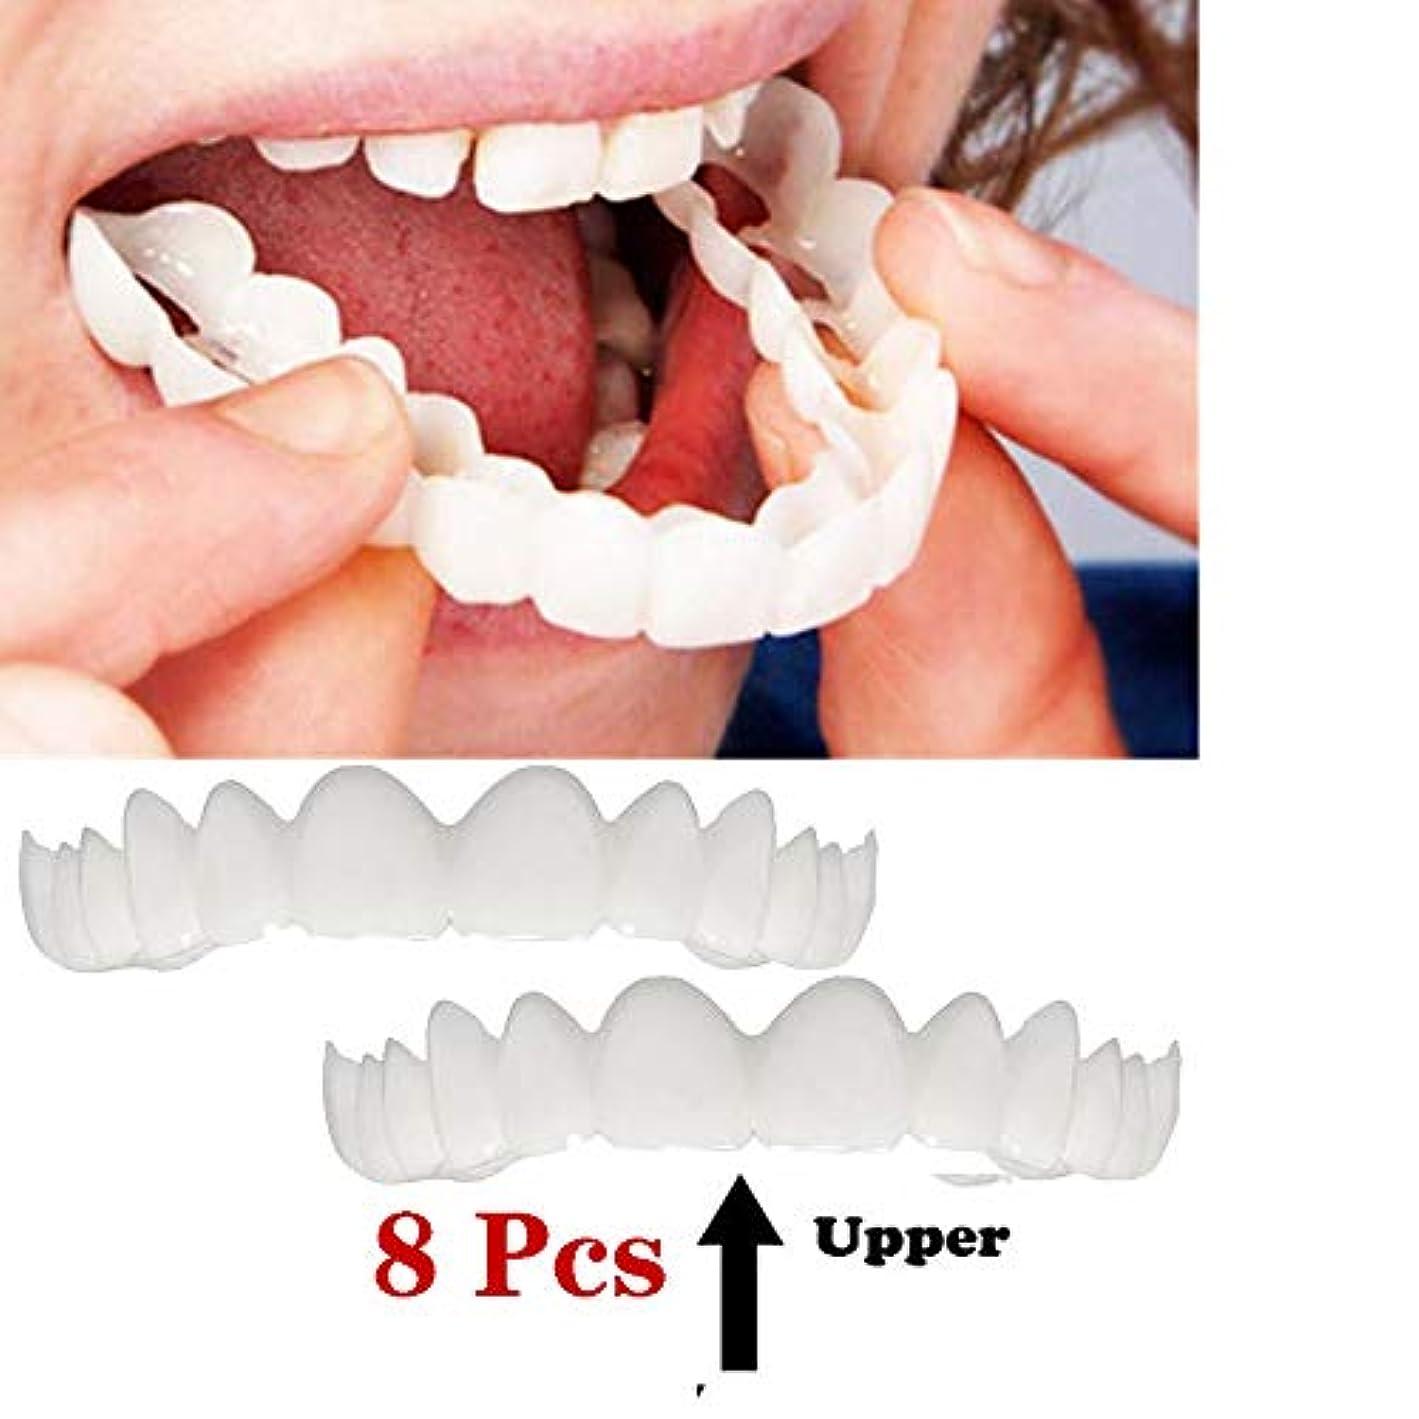 失望させるブランド名想像力8ピース突き板歯仮化粧品歯義歯歯模擬ブレースアッパーブレースホワイトニング歯スナップキャップインスタント快適なフレックスパーフェクトベニア